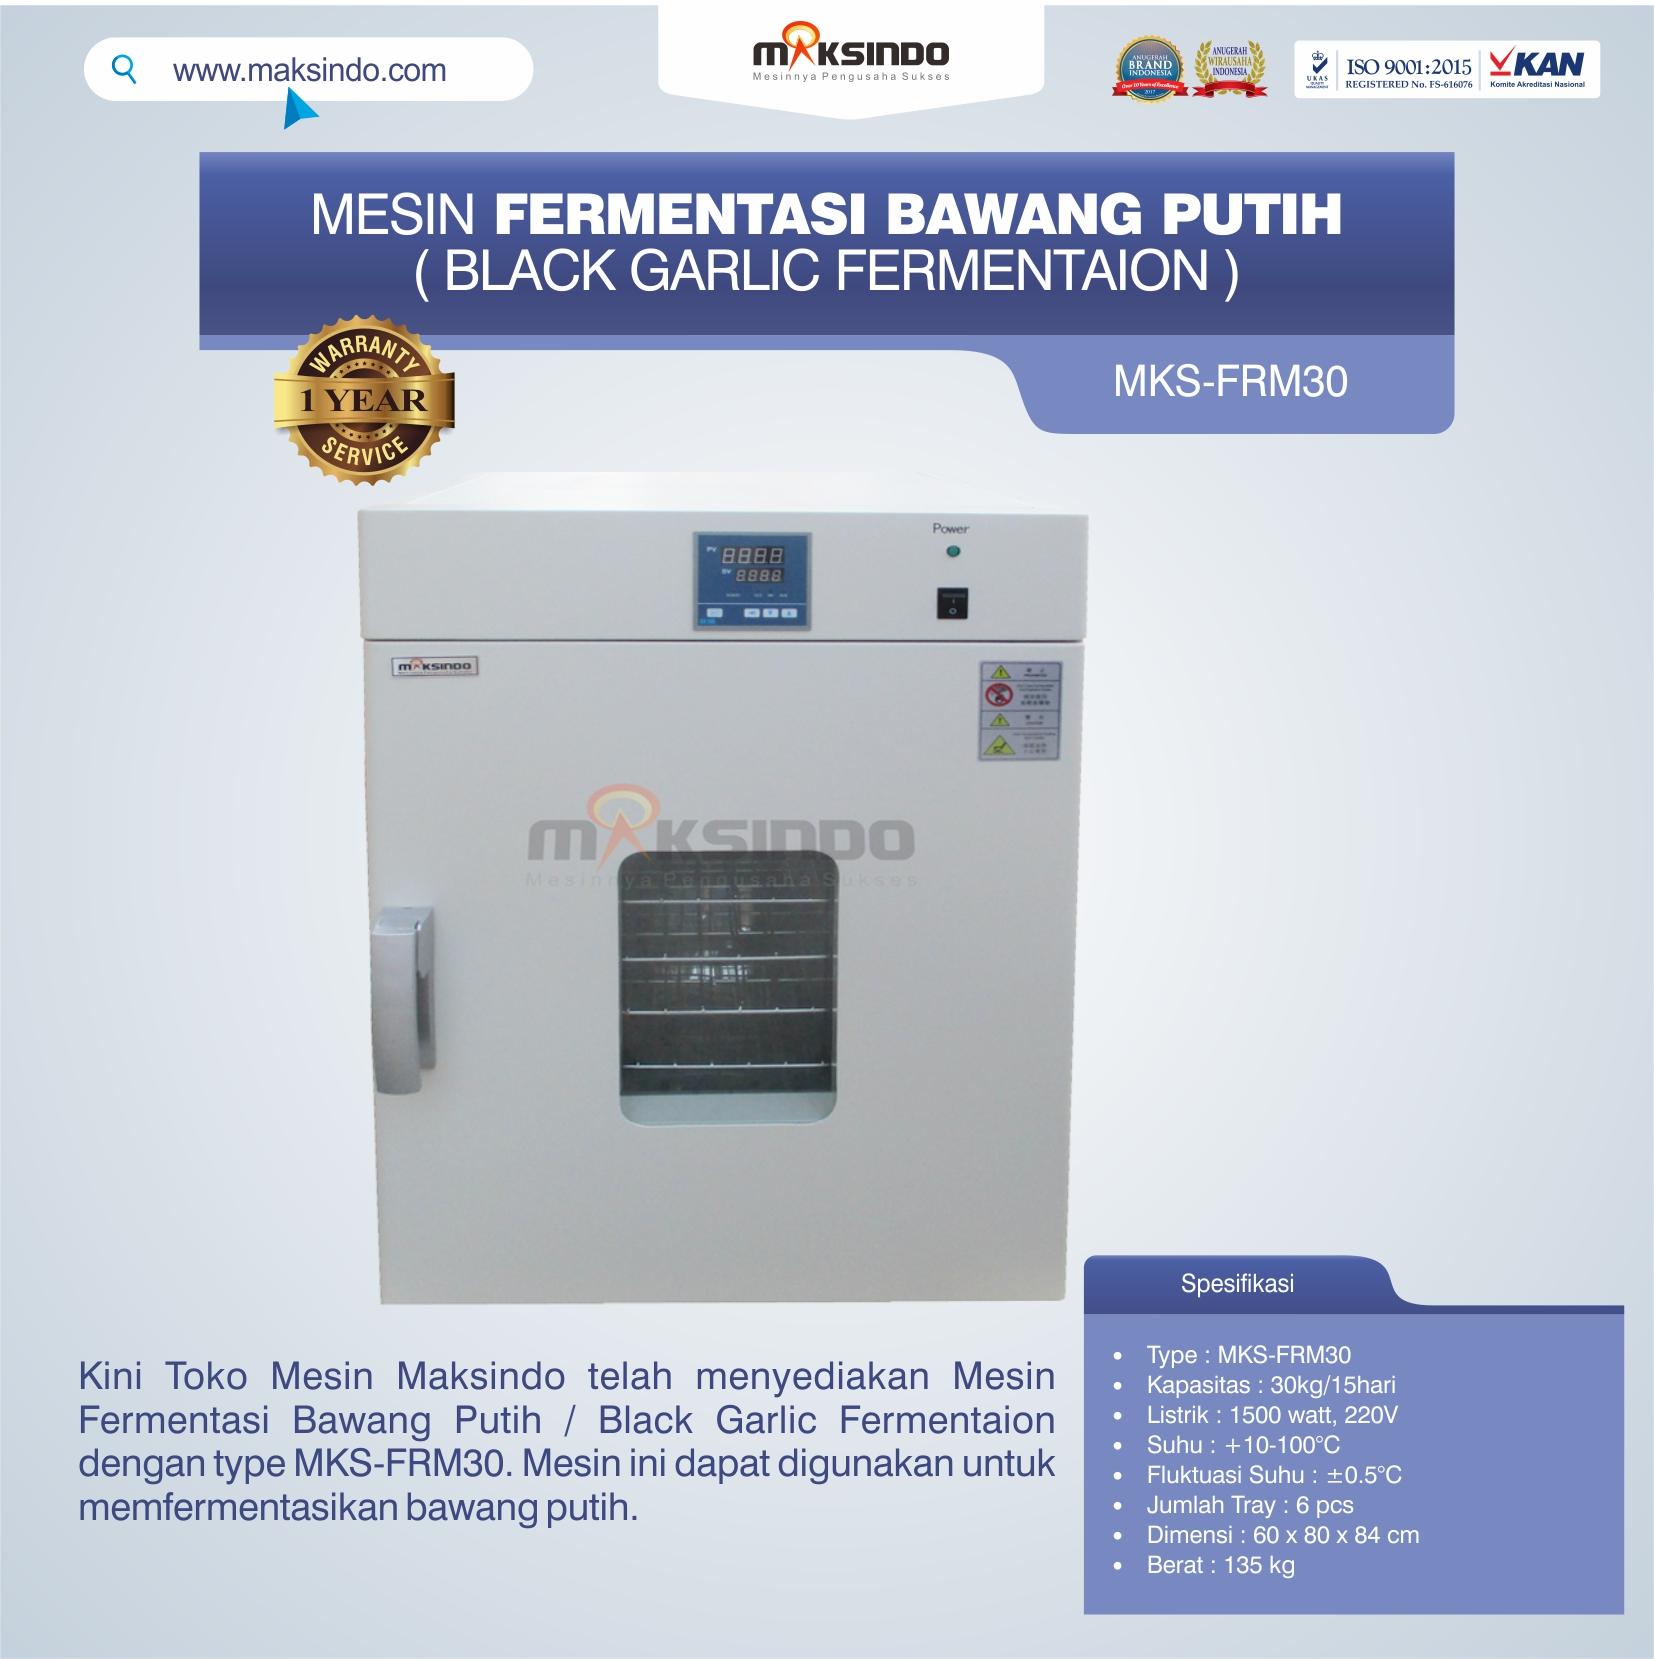 Jual Mesin Fermentasi Bawang Putih / Black Garlic Fermentaion MKS-FRM30 di Semarang